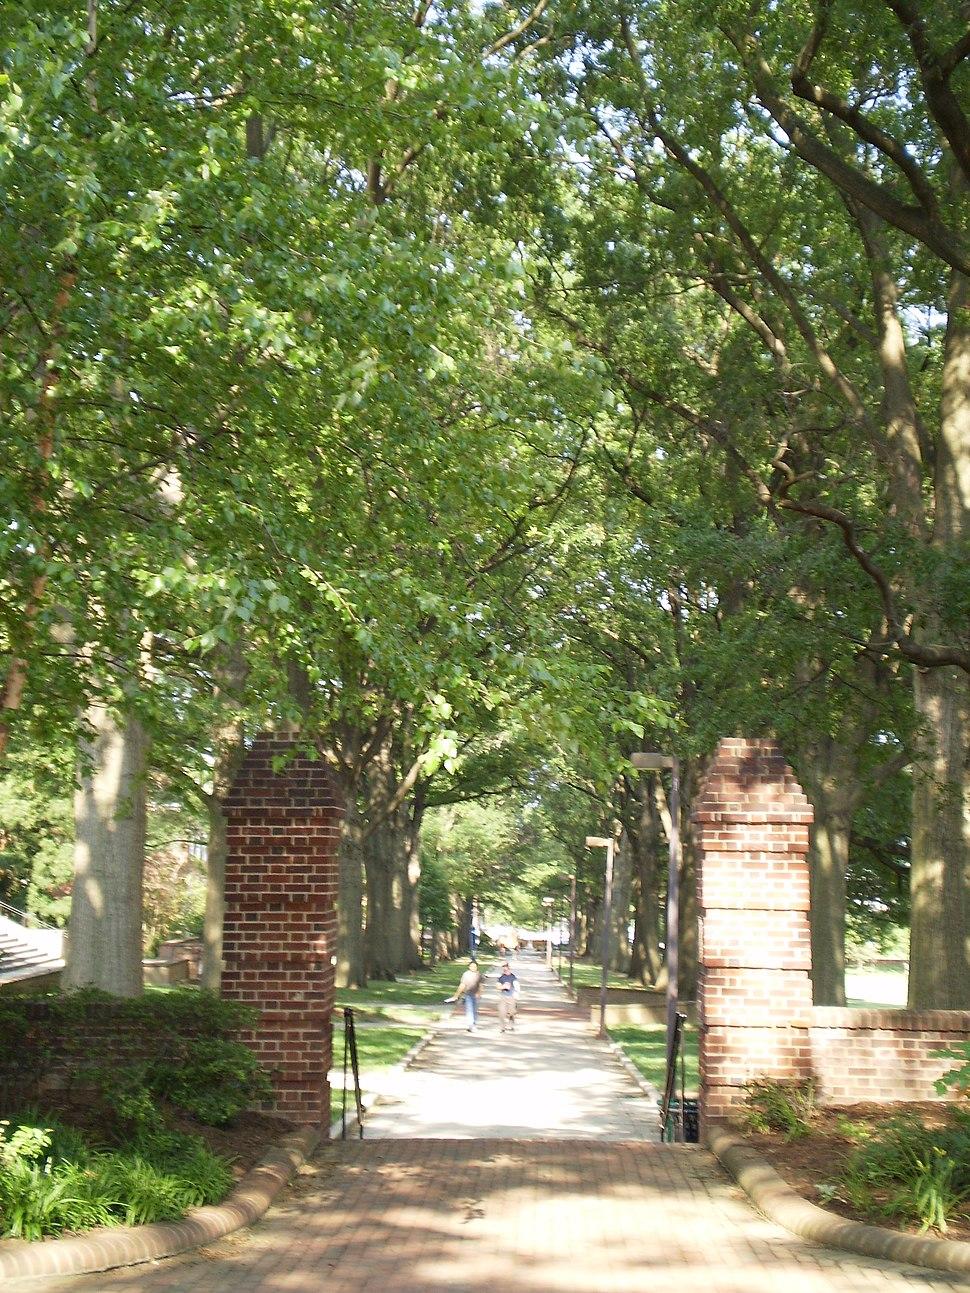 UMD walkway trees